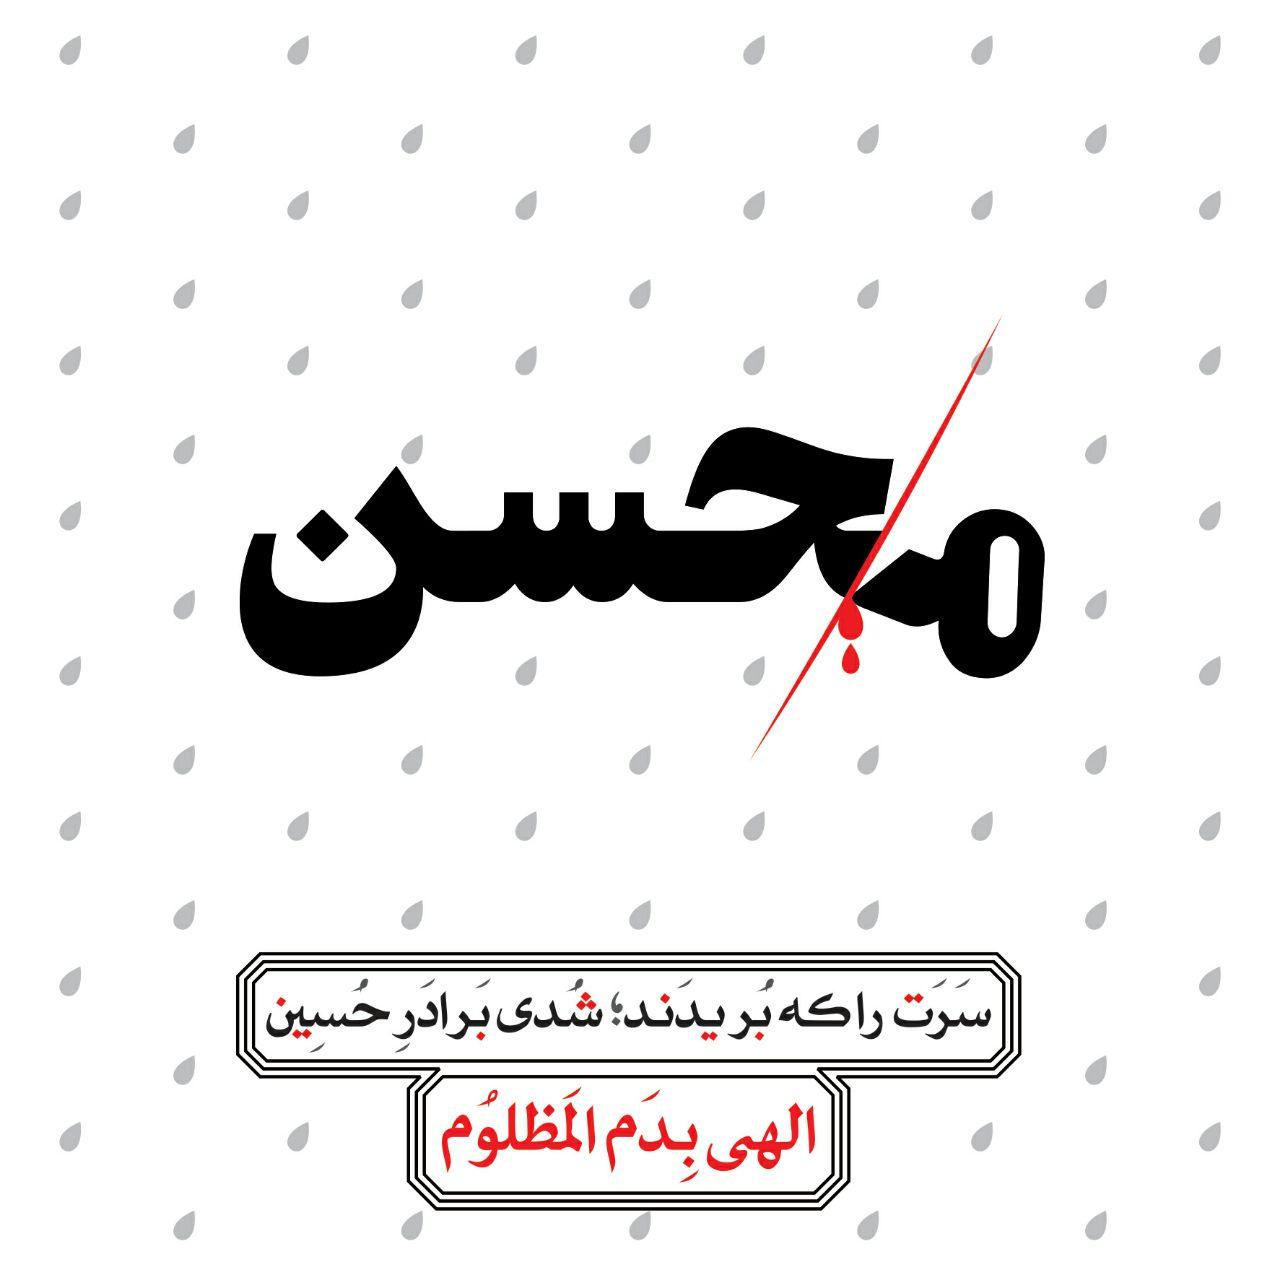 گزارش های اختصاصی شبکه افق از شهید حججی+فیلم